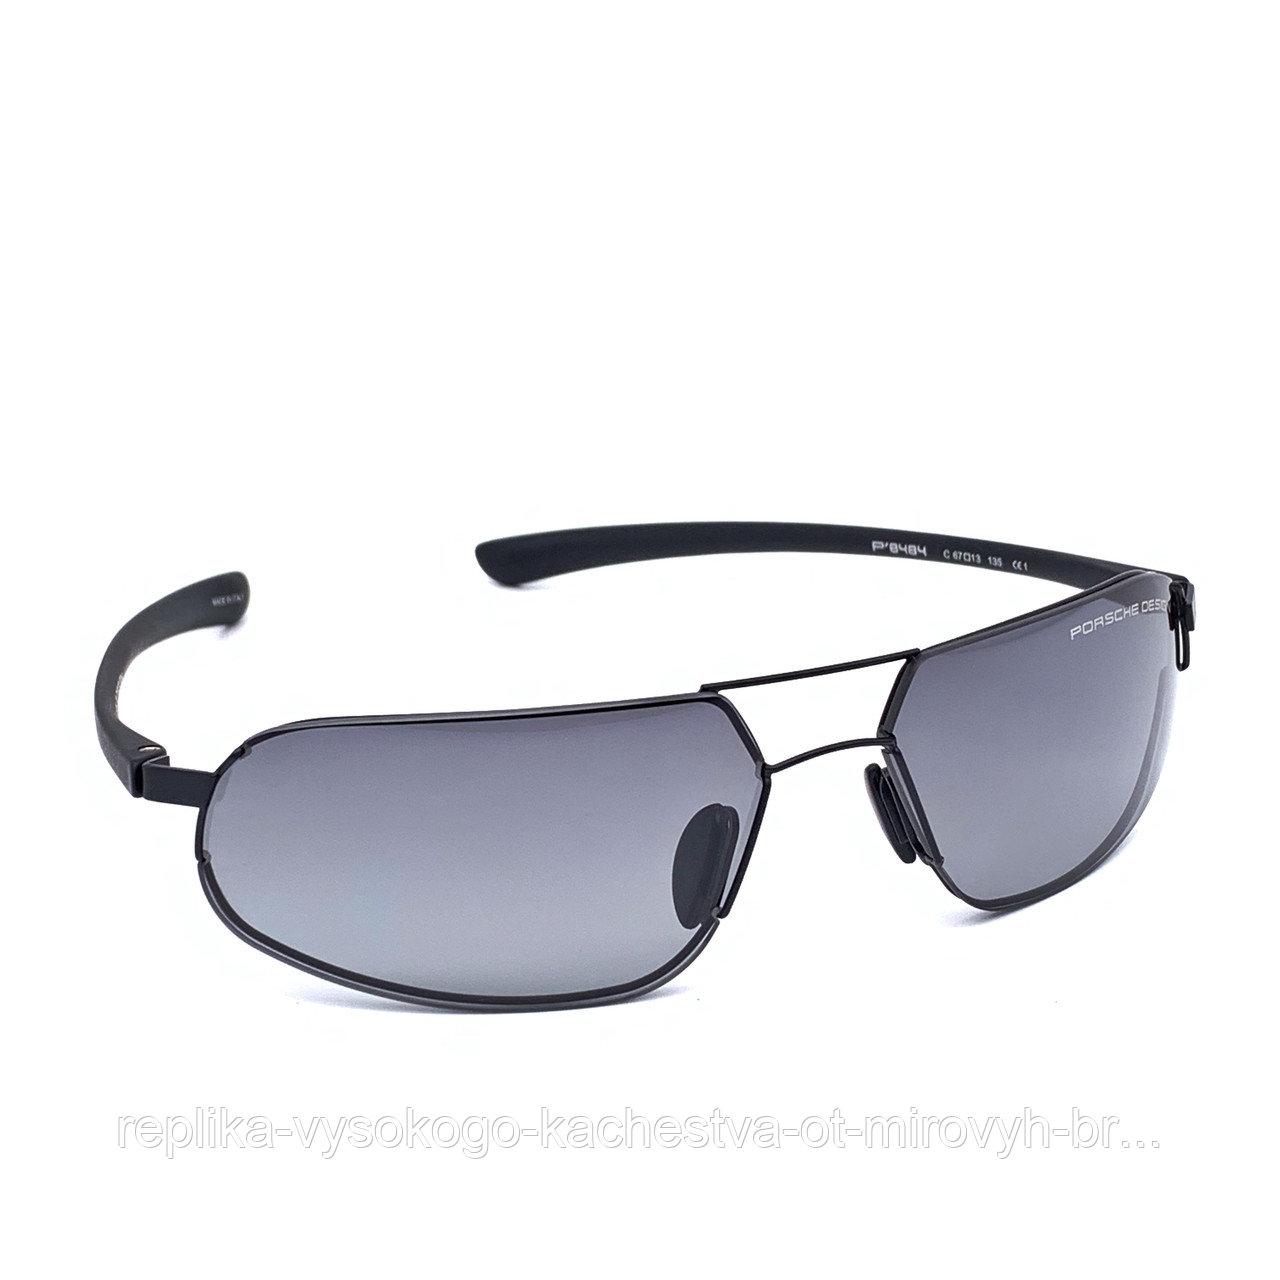 Мужские очки Porsche